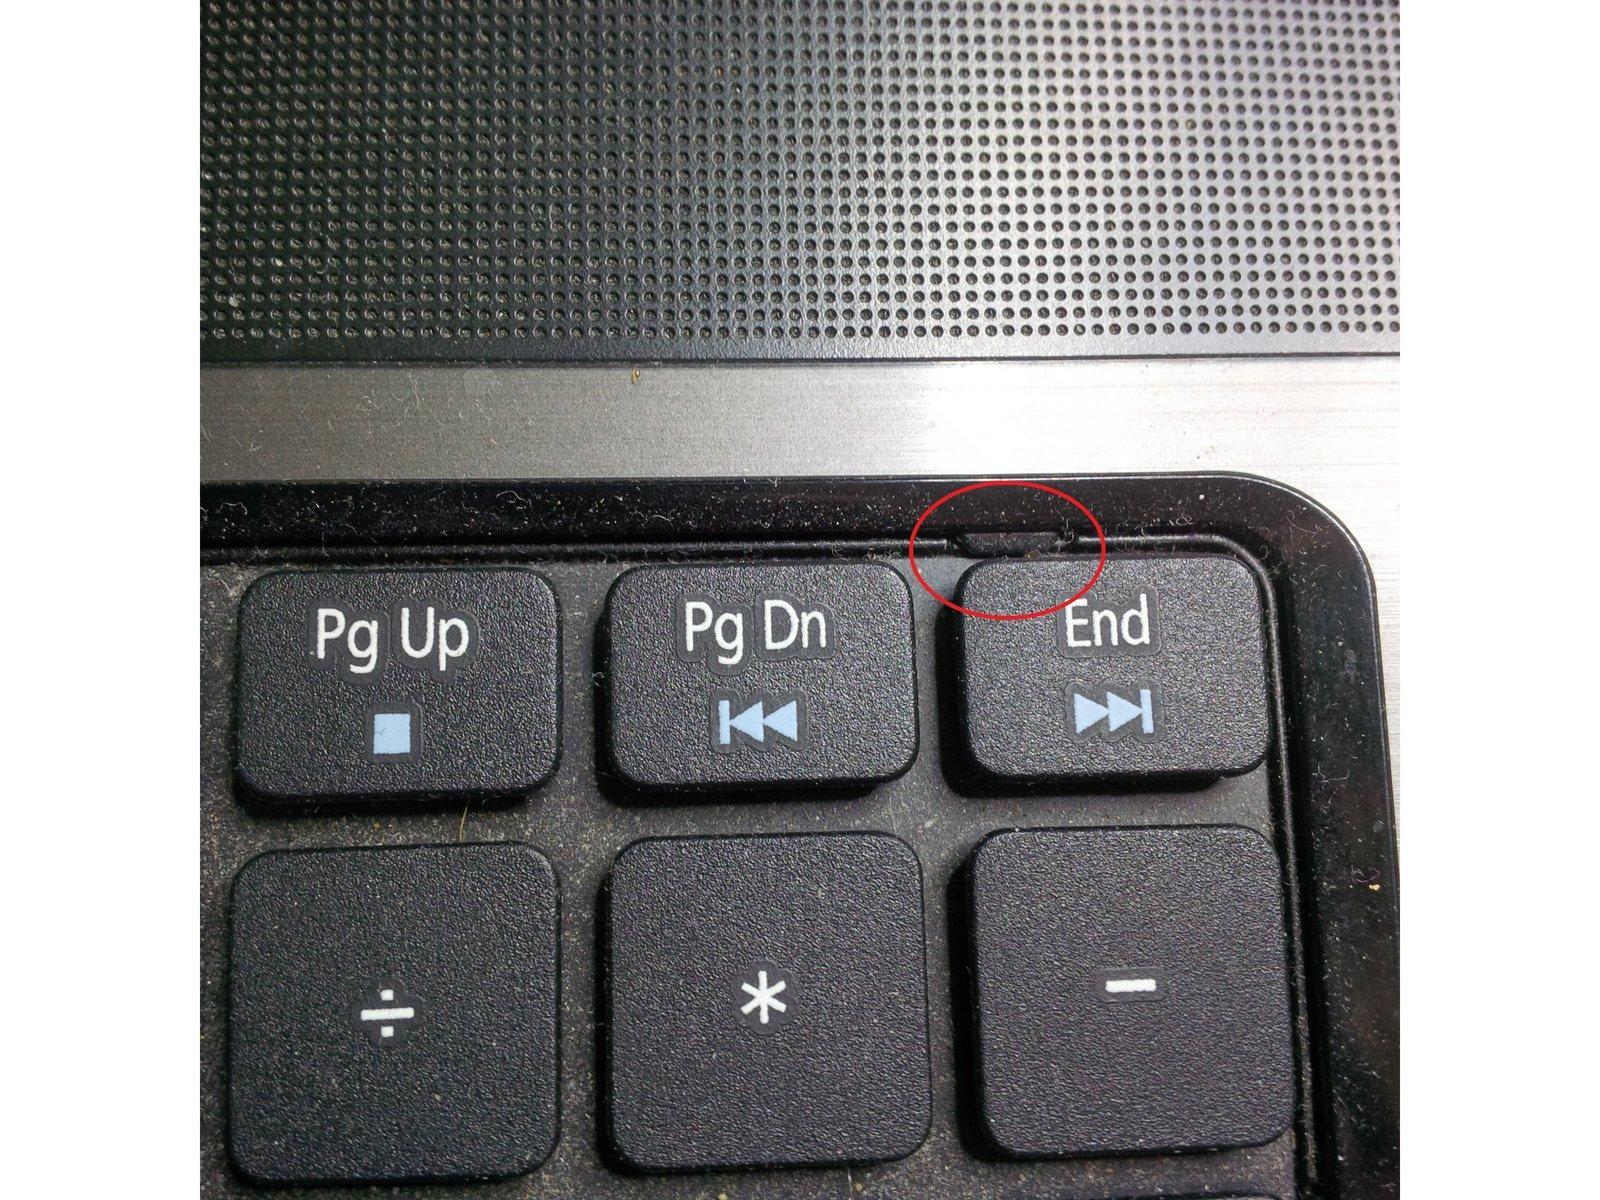 Язычок, с помощью которого можно вытянуть клавиатуру из корпуса